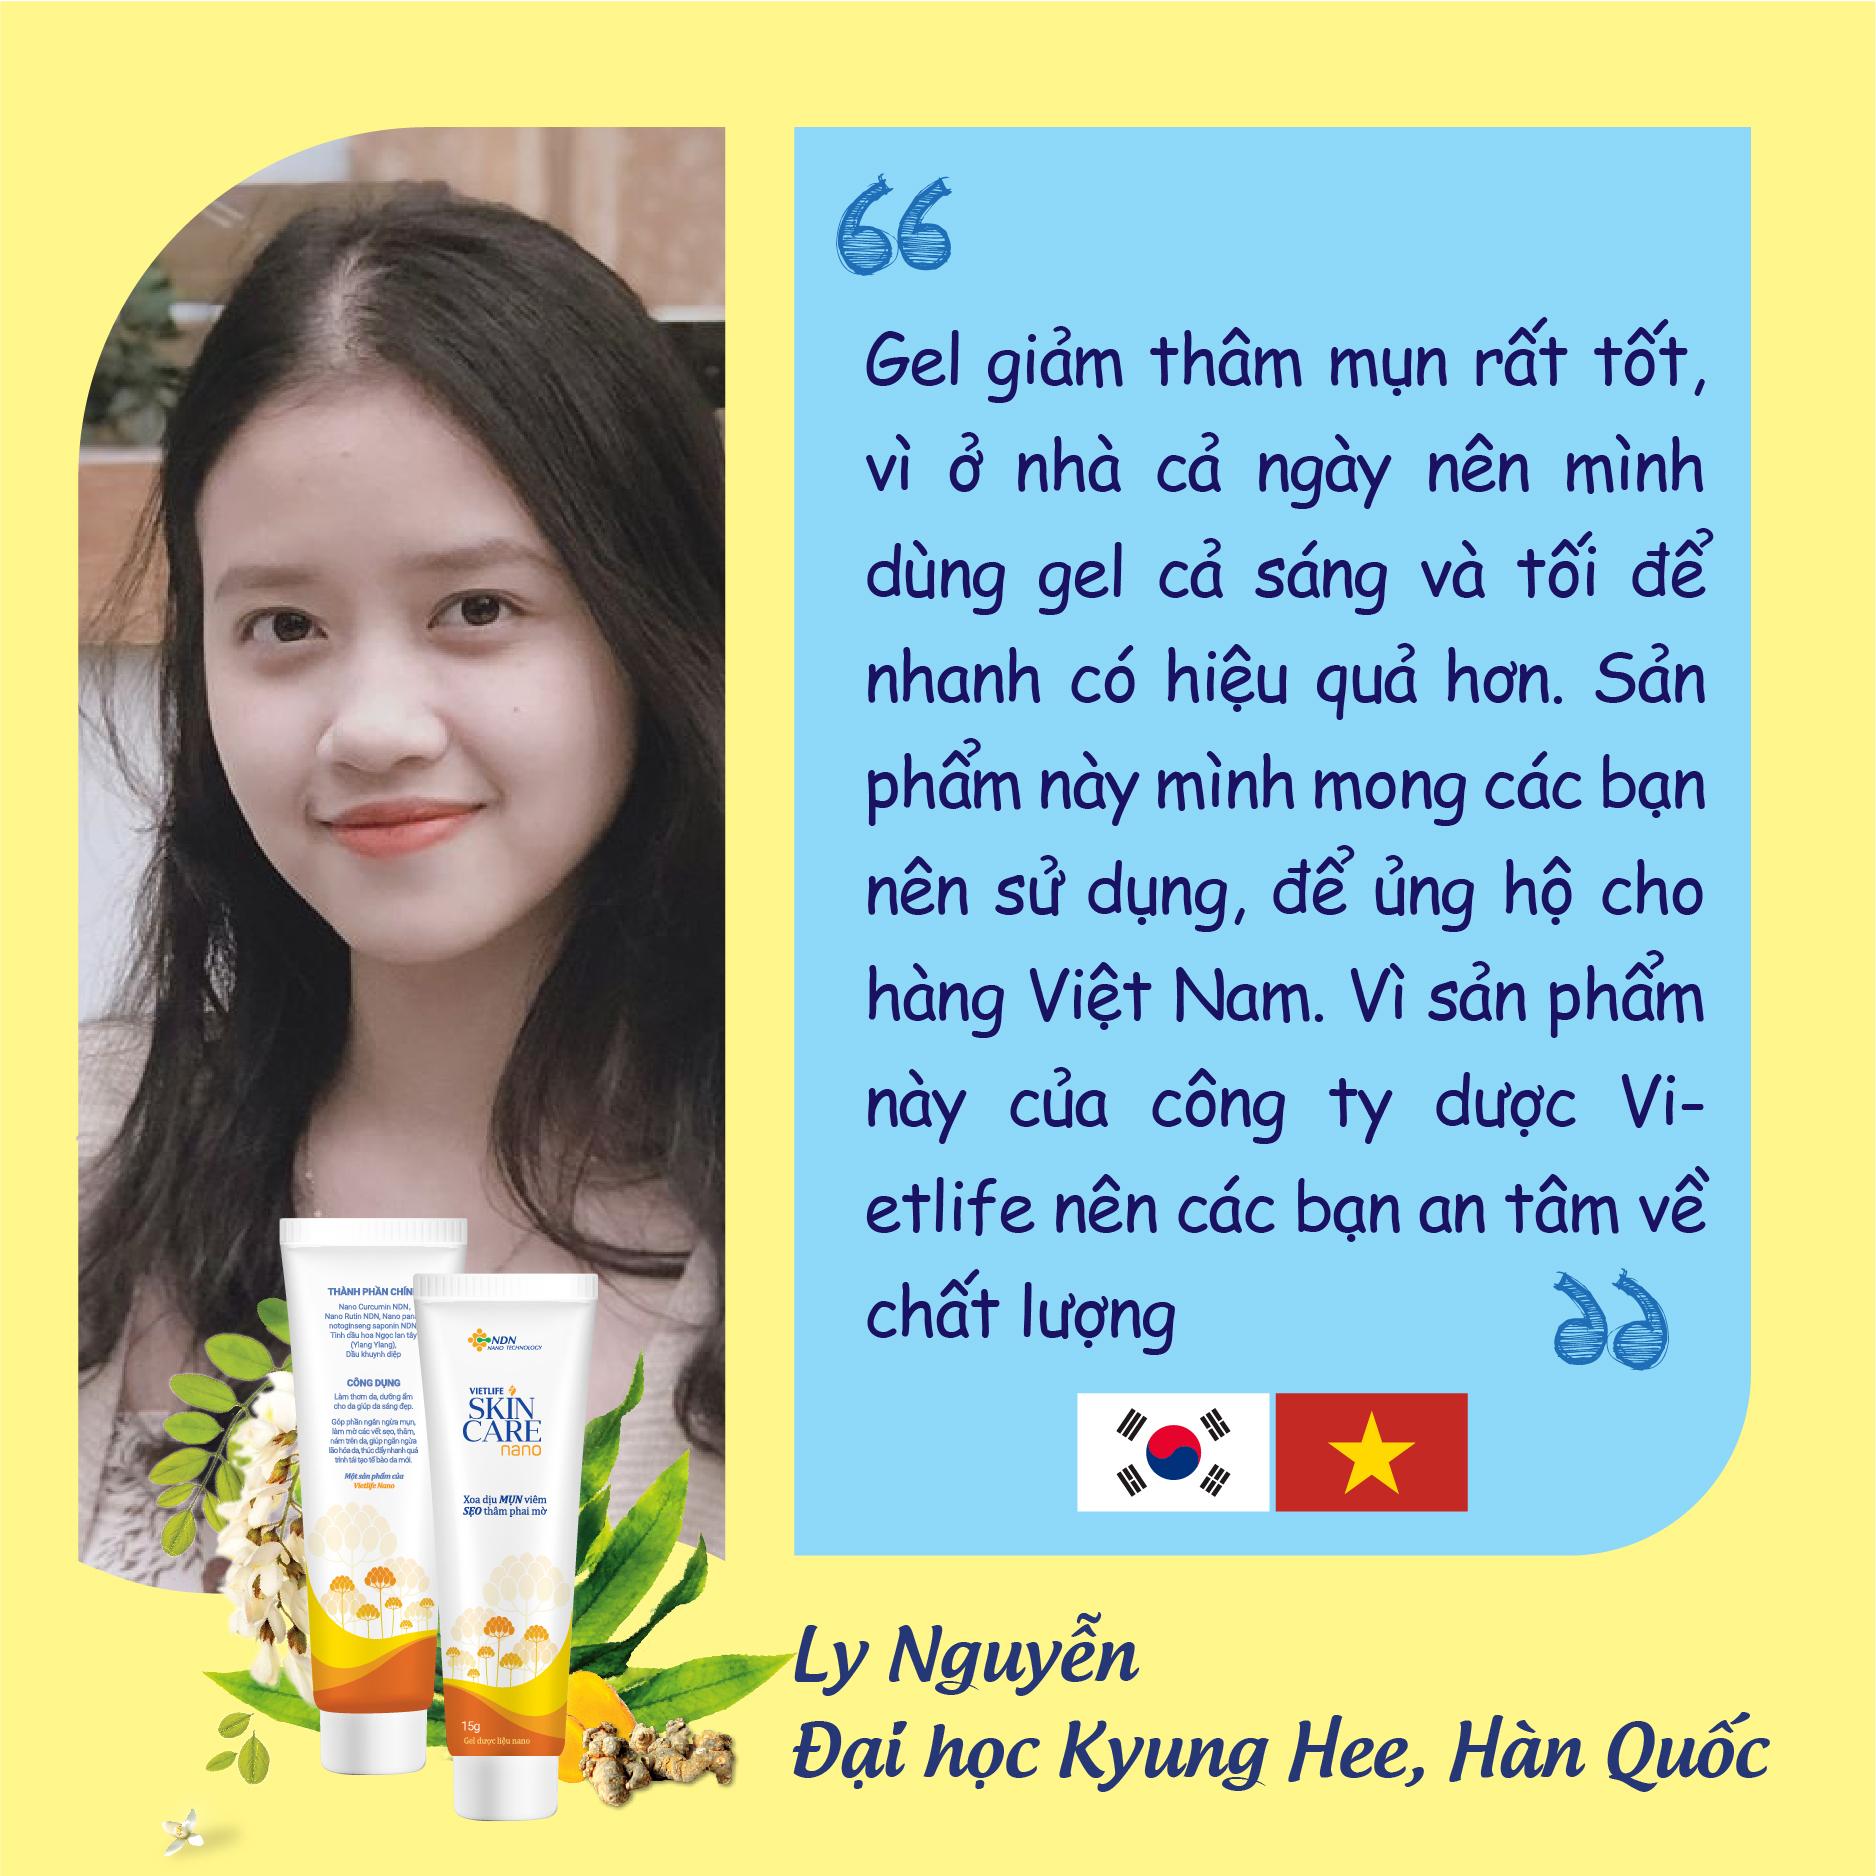 Tự hào hàng Việt Nam chất lượng cao. Công nghệ Nano độc quyền 3